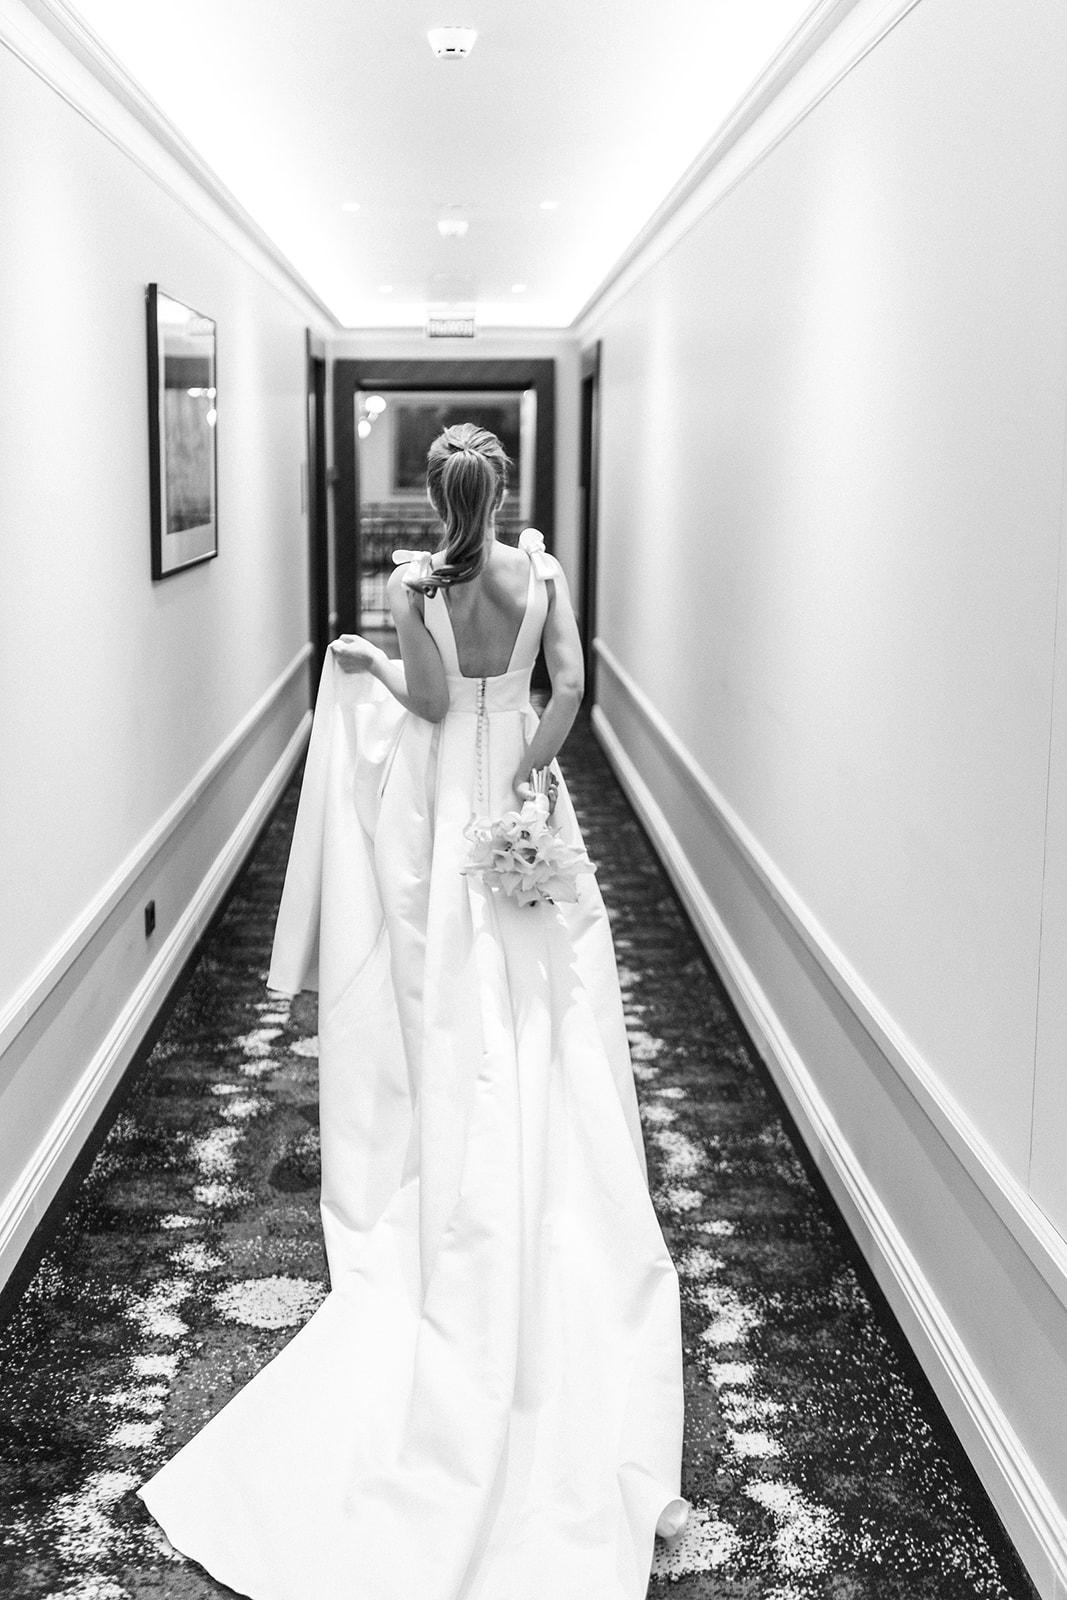 Утро невесты. Отель Метрополь. Фотограф Арсений Прусаков